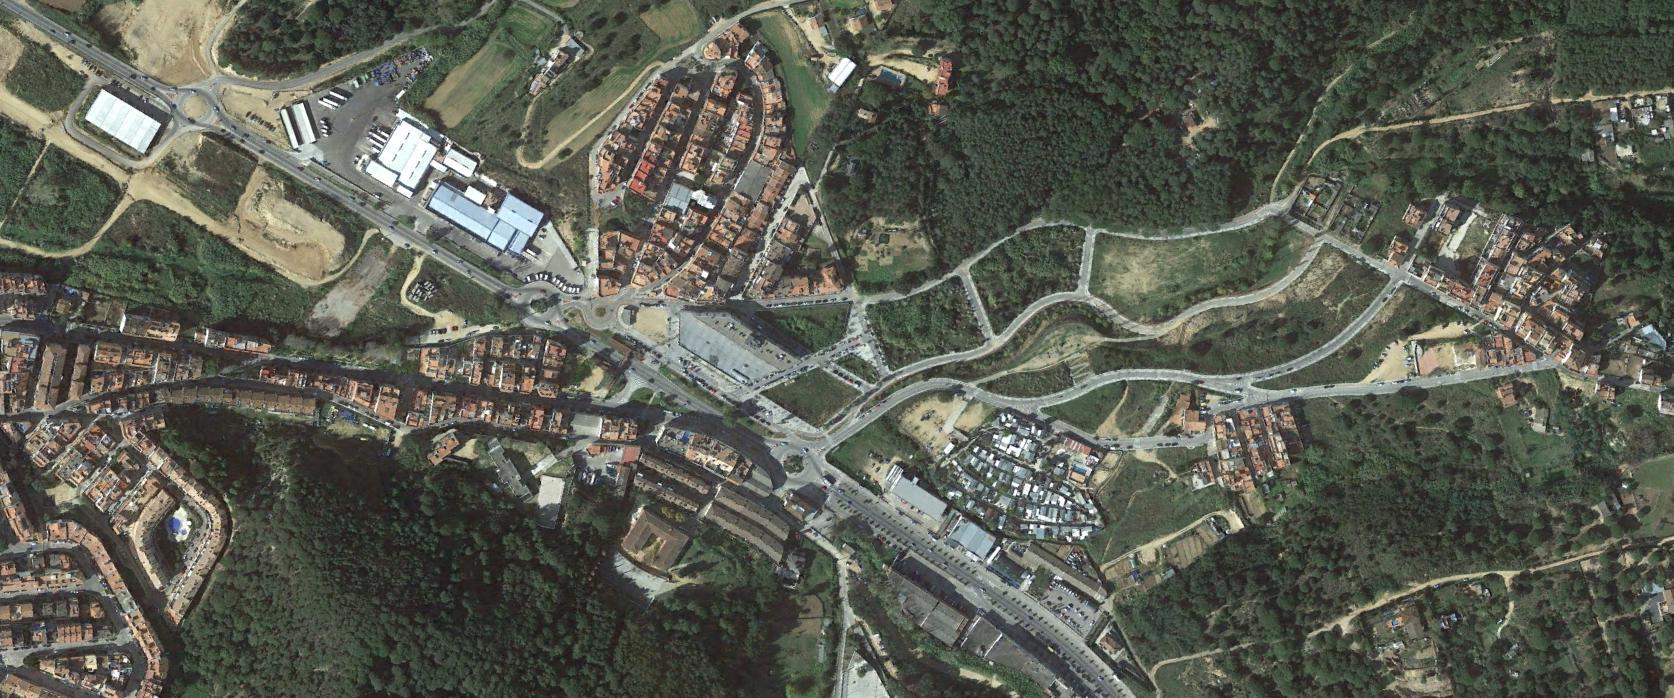 blanes, girona, bcarriles, después, urbanismo, planeamiento, urbano, desastre, urbanístico, construcción, rotondas, carretera